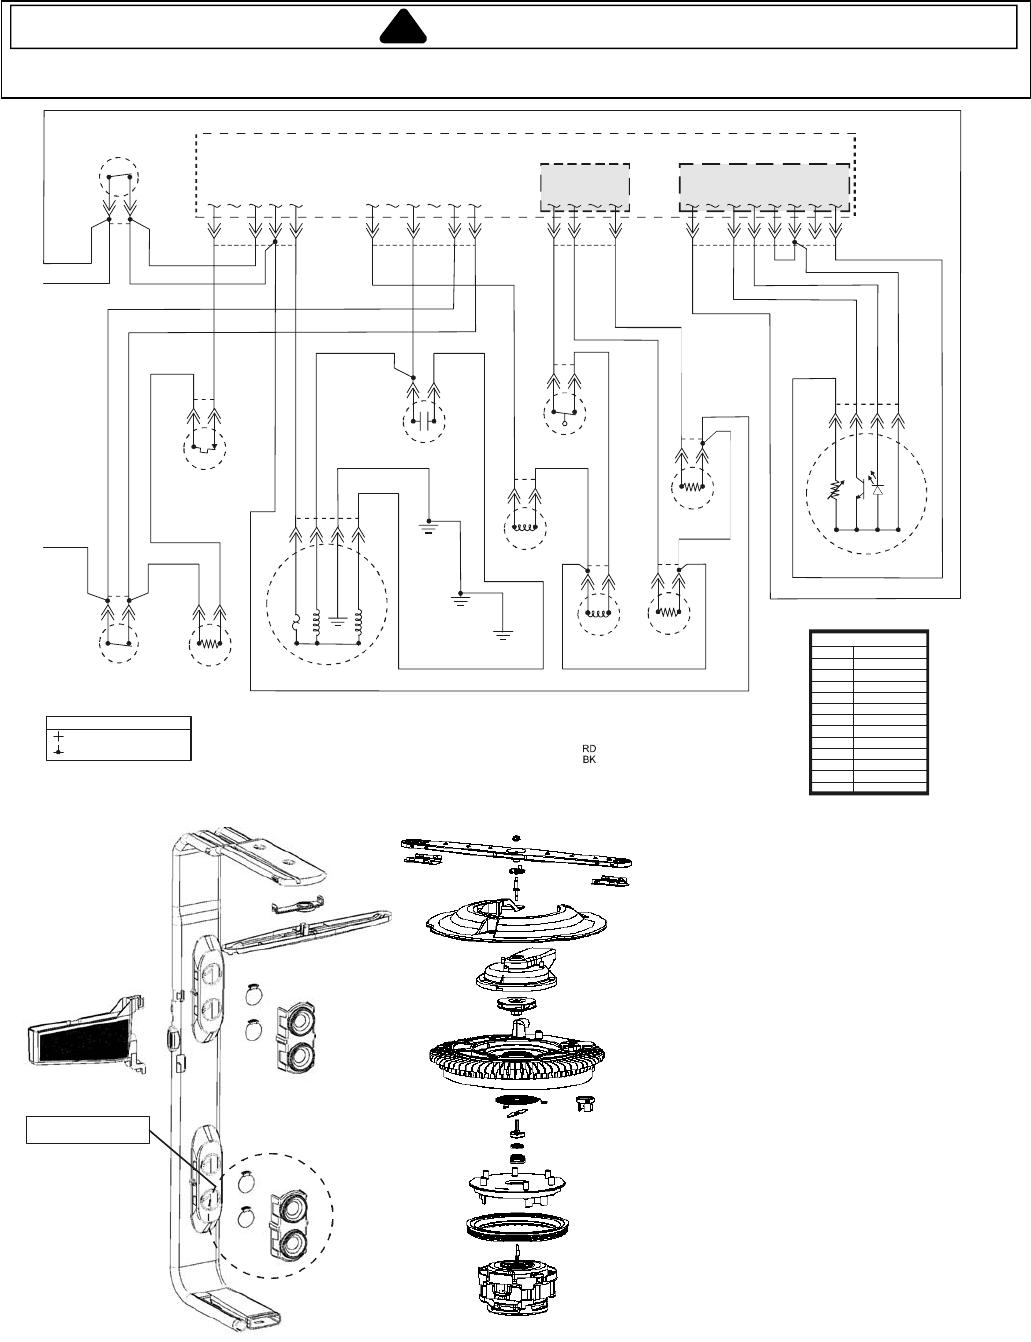 Wiring Diagram Maytag Model Mdb Awq